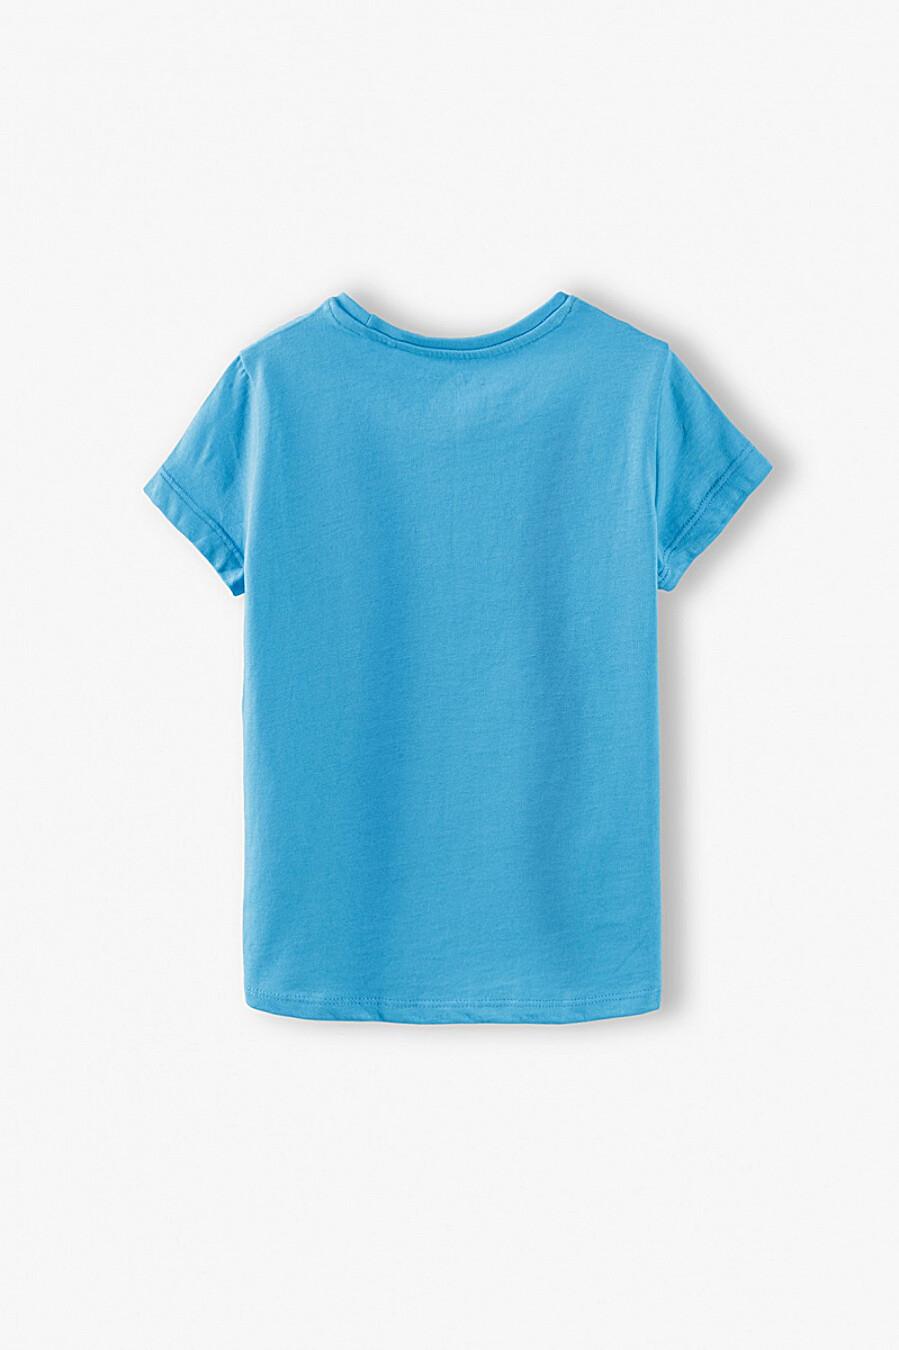 Футболка для девочек 5.10.15 668606 купить оптом от производителя. Совместная покупка детской одежды в OptMoyo